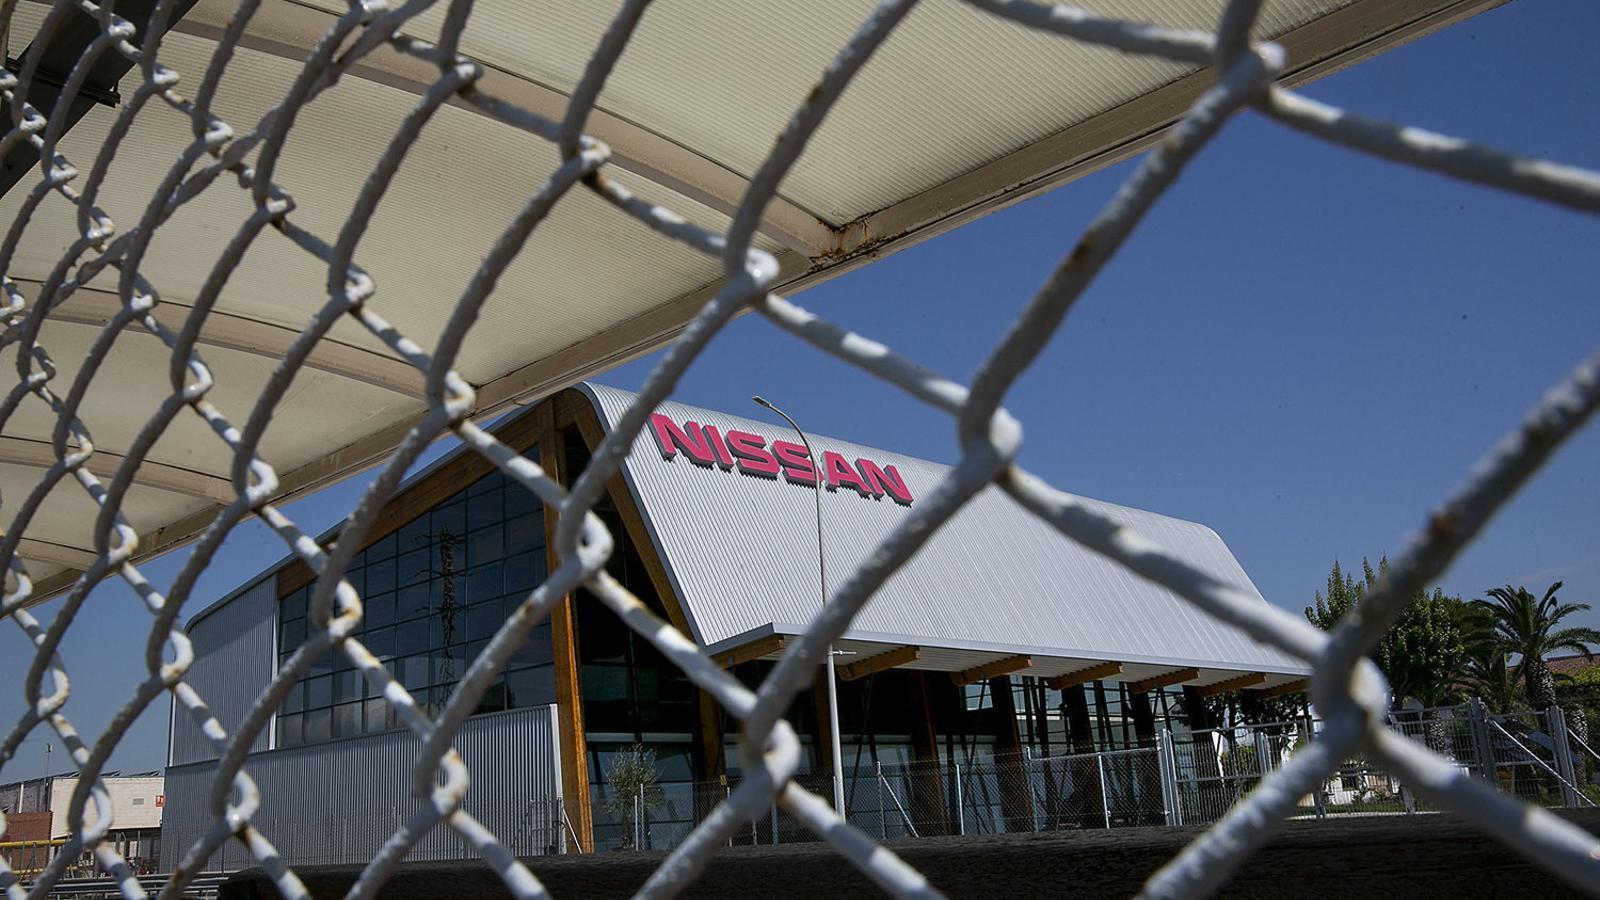 Imatge de la planta de Nissan de la Zona Franca, on hi podria anar una fàbrica de bateries.